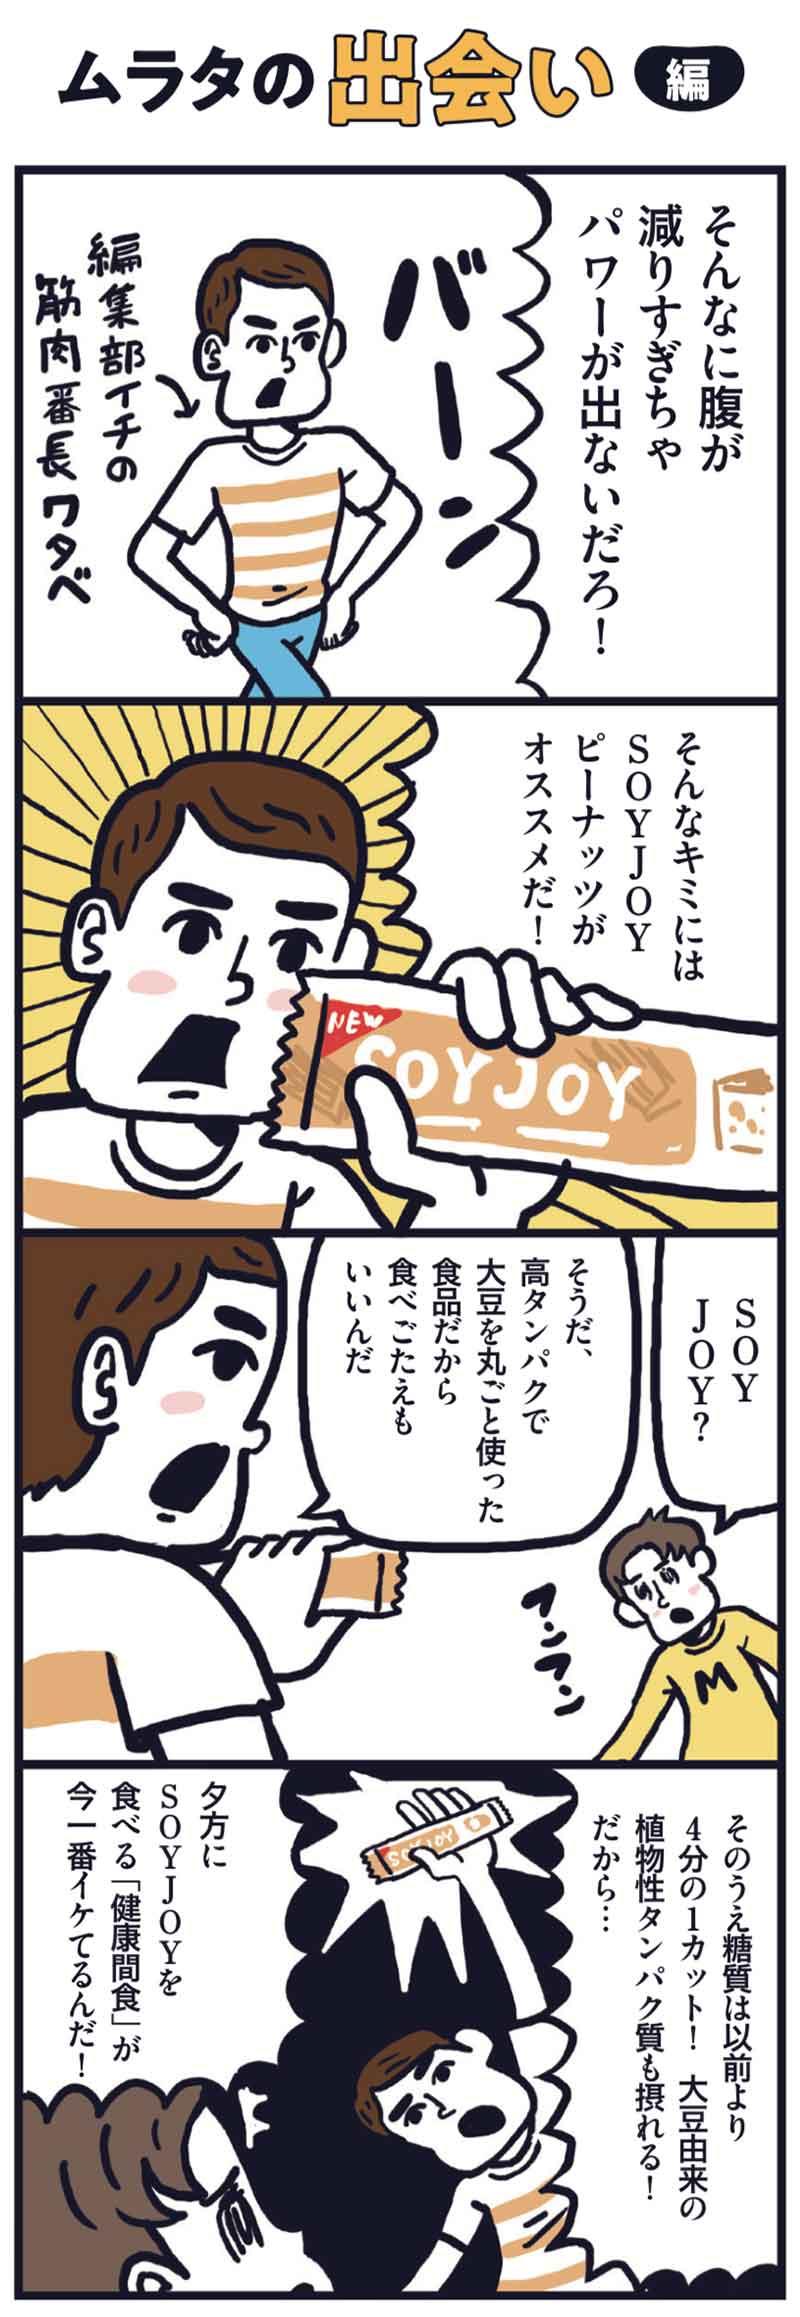 マンガ「ムラタの出会い編」